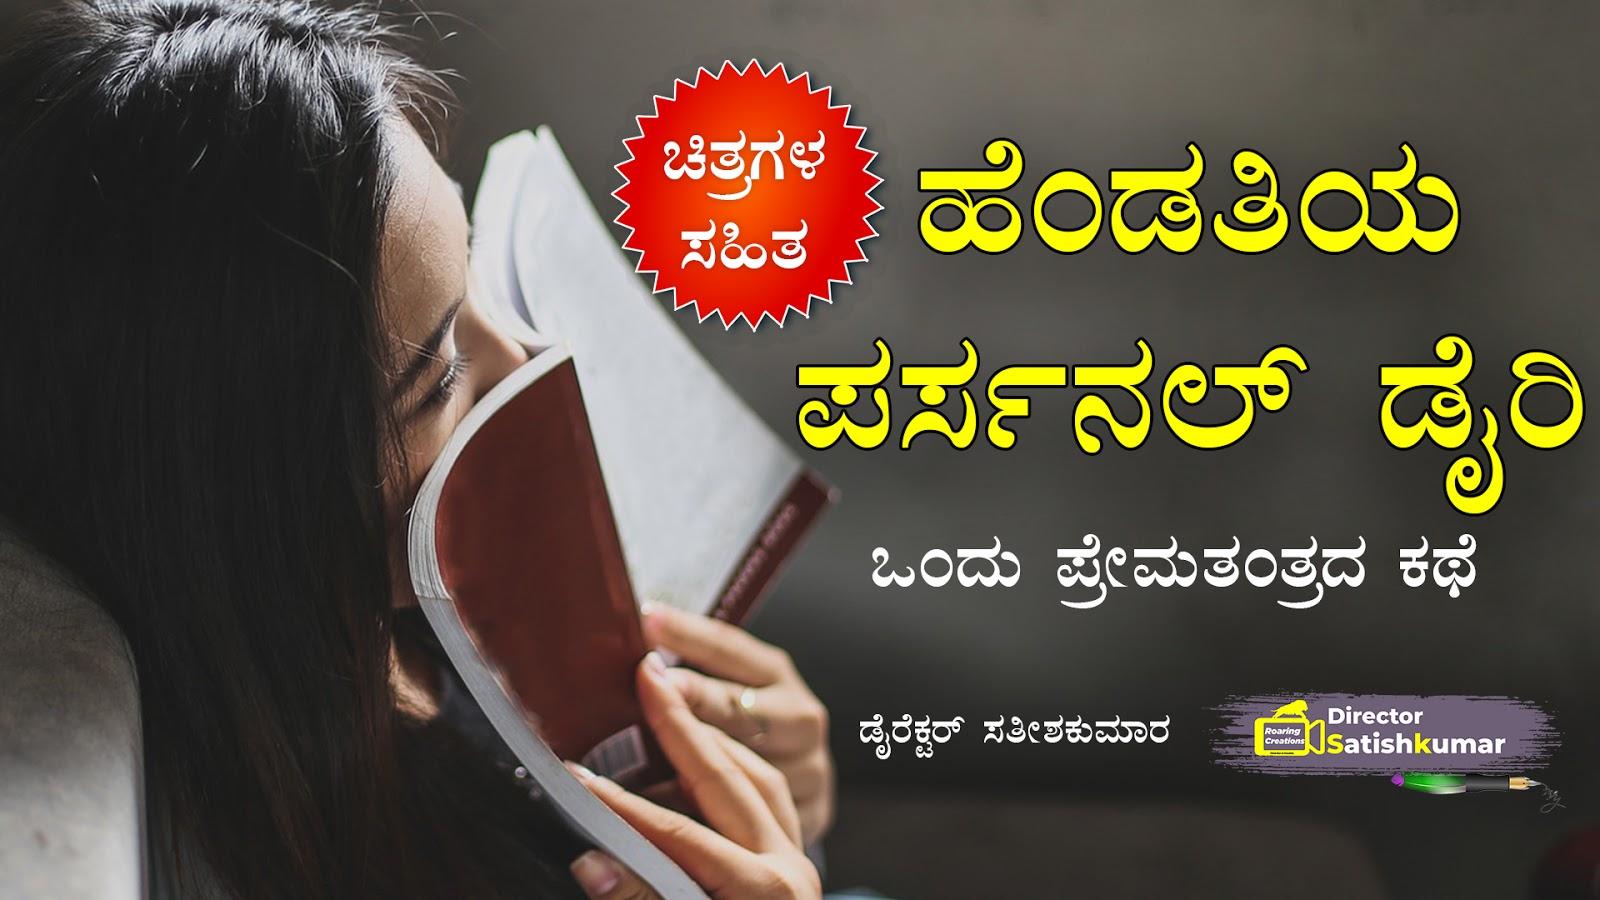 ಹೆಂಡತಿಯ ಪರ್ಸನಲ್ ಡೈರಿ : ಒಂದು ಪ್ರೇಮತಂತ್ರದ ಕಥೆ  Prem Tantra Story in Kannada